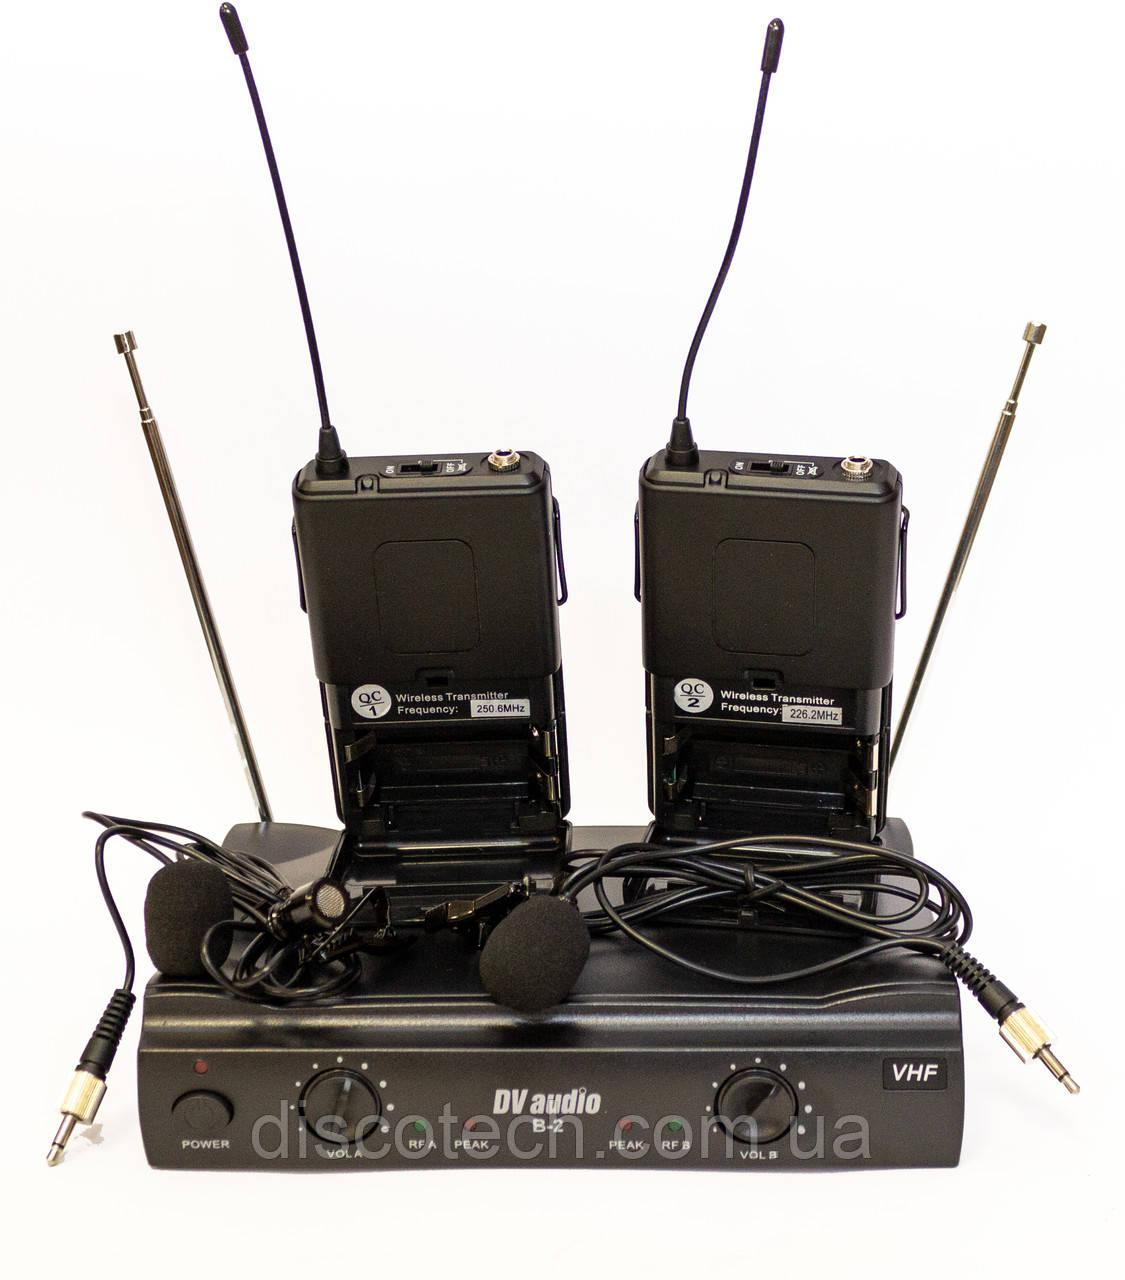 Радиосистема с гарнитурой черного цвета или петличным микрофоном черного цвета, VHF